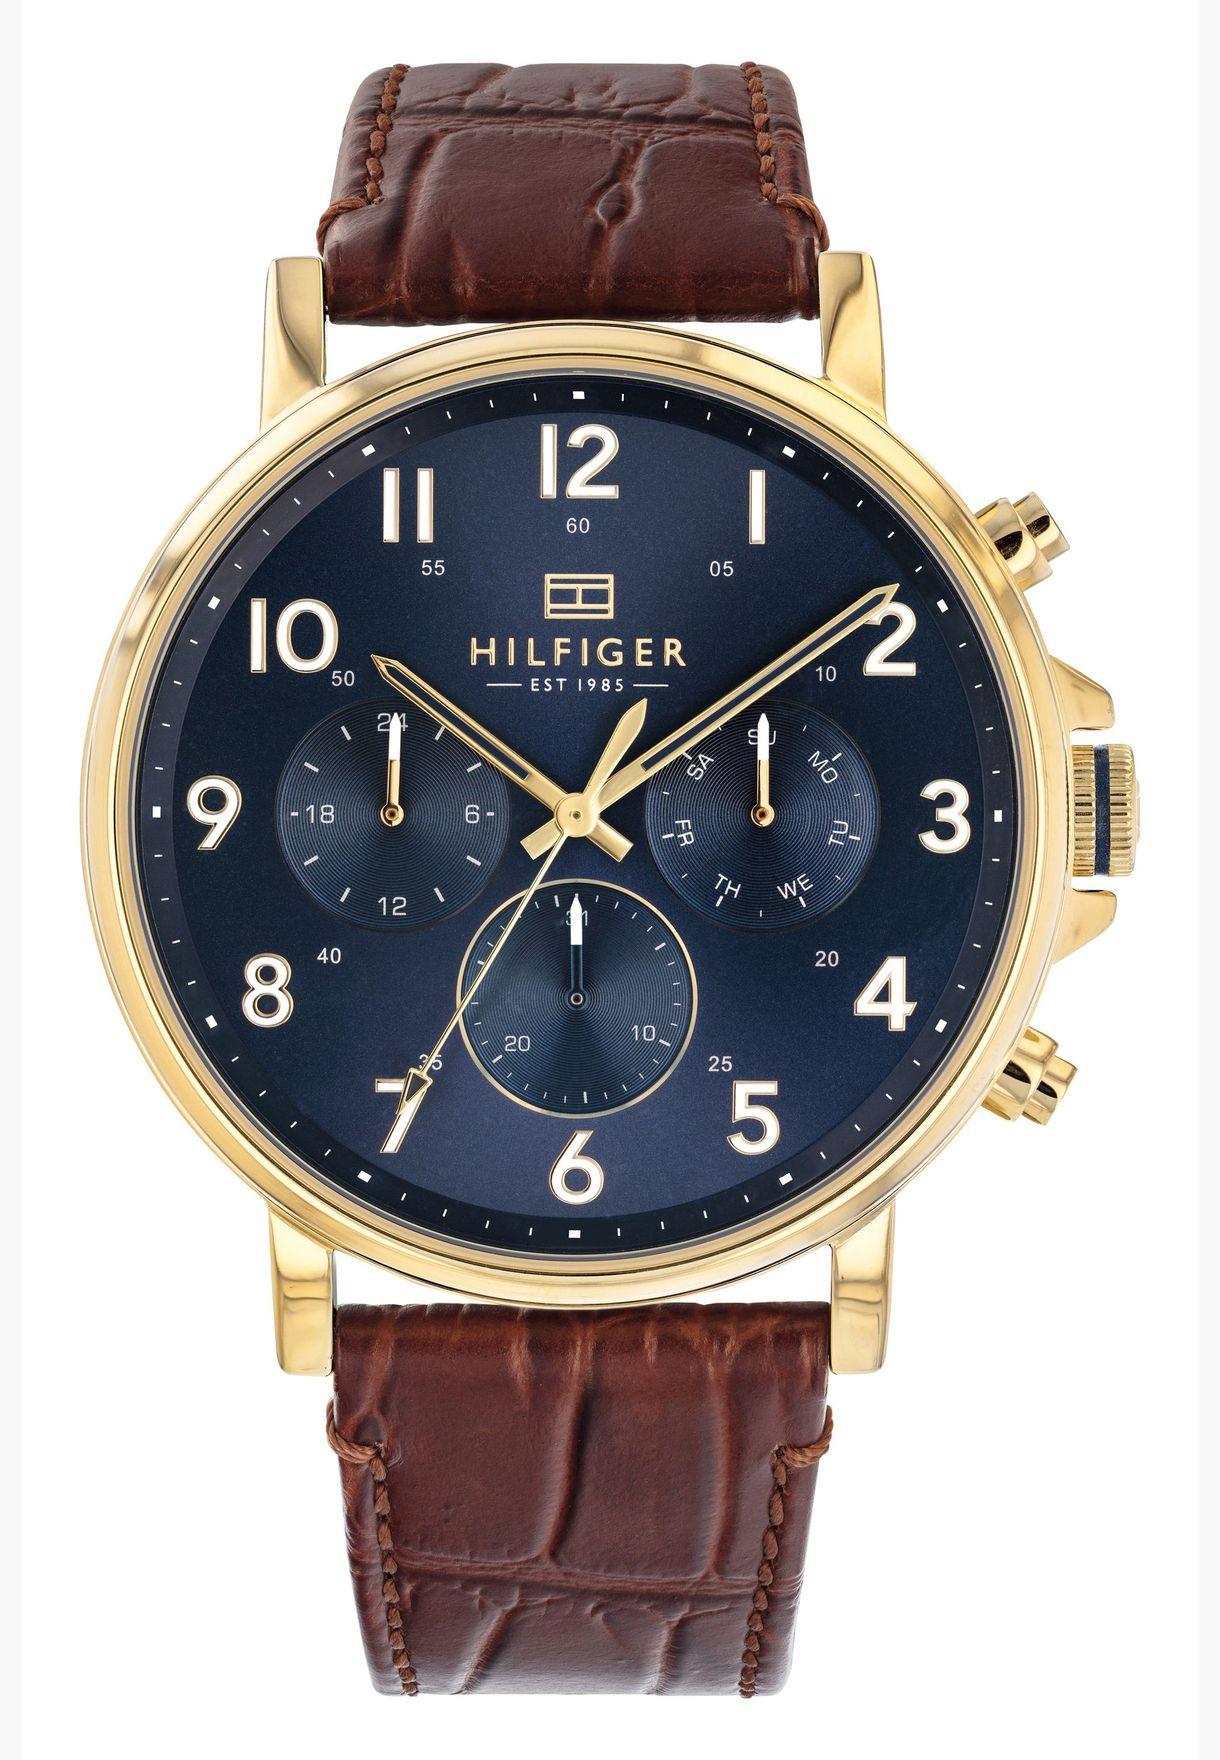 ساعة تومي هيلفيغر دانيال بسوار جلد للرجال - 1710380